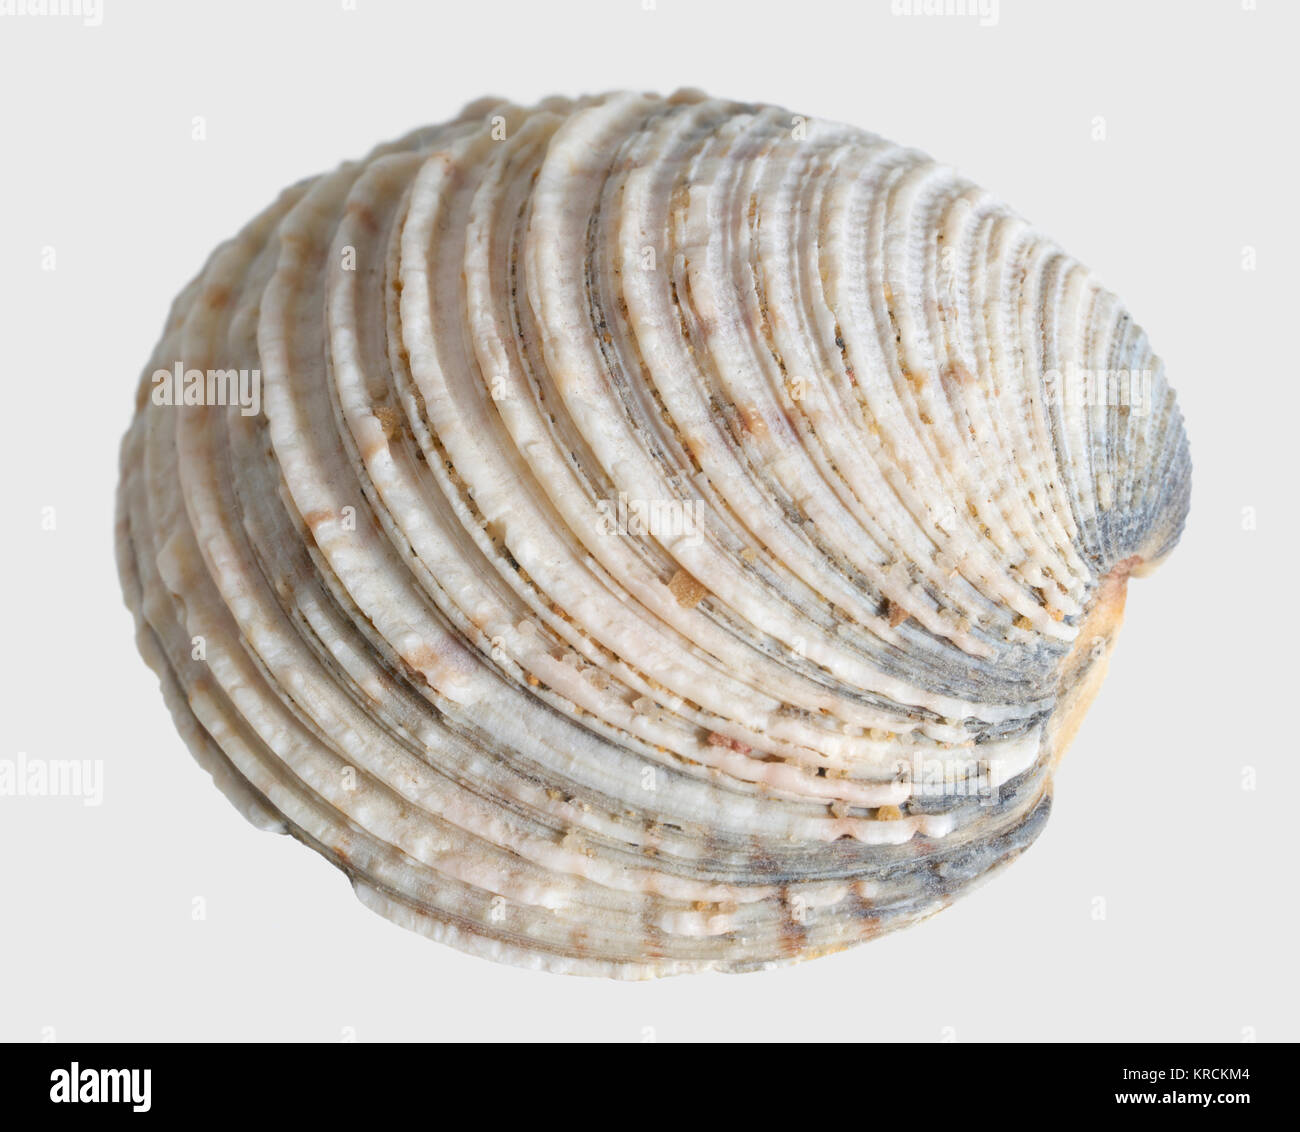 Sea u 200 bu 200 bshell Makro Stockbild